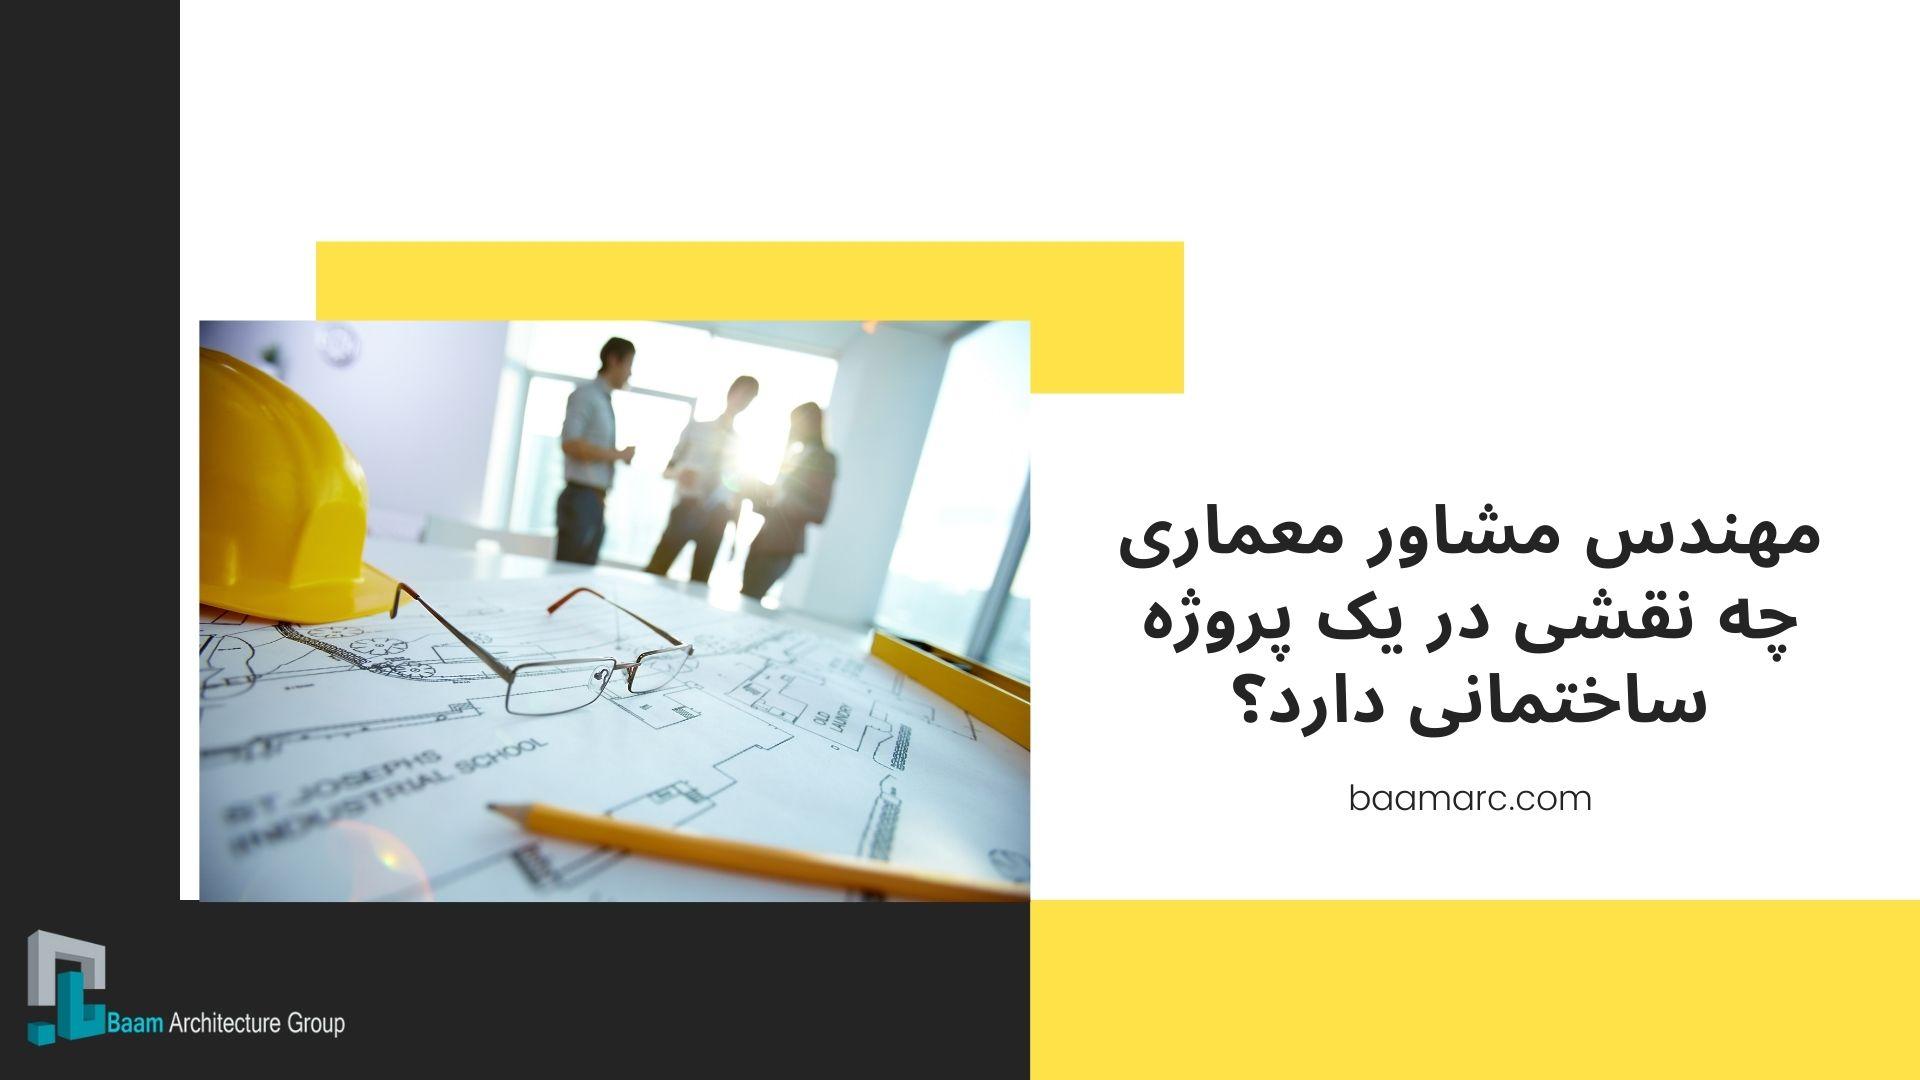 مهندس مشاور معماری چه نقشی در یک پروژه ساختمانی دارد؟